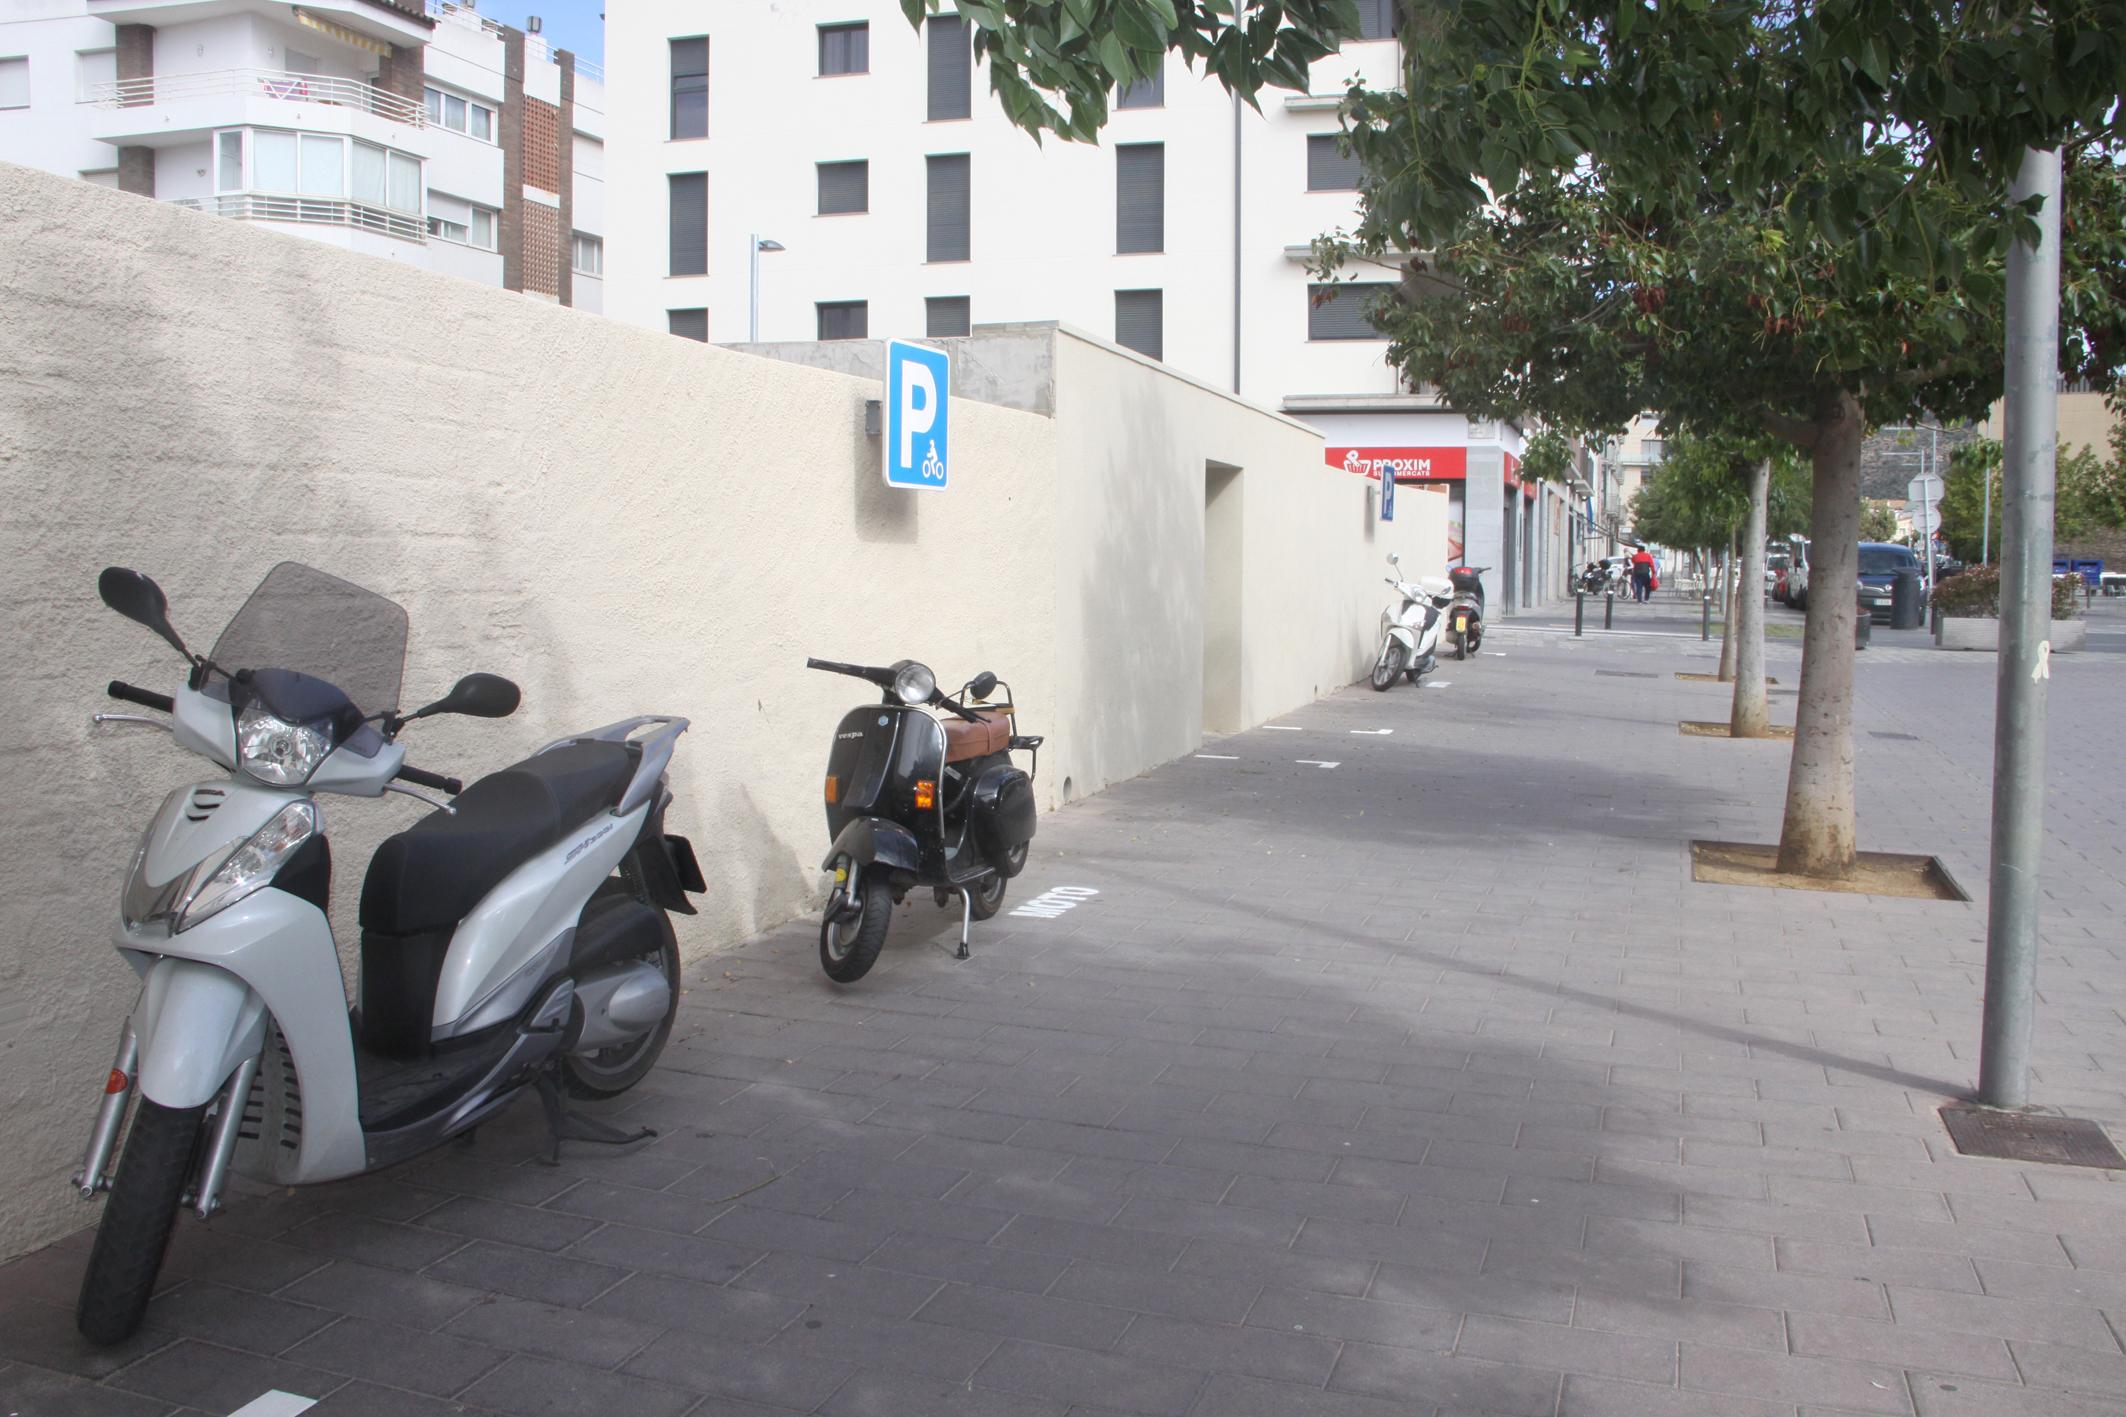 L'Ajuntament amplia el nombre d'estacionaments de motocicletes al casc antic